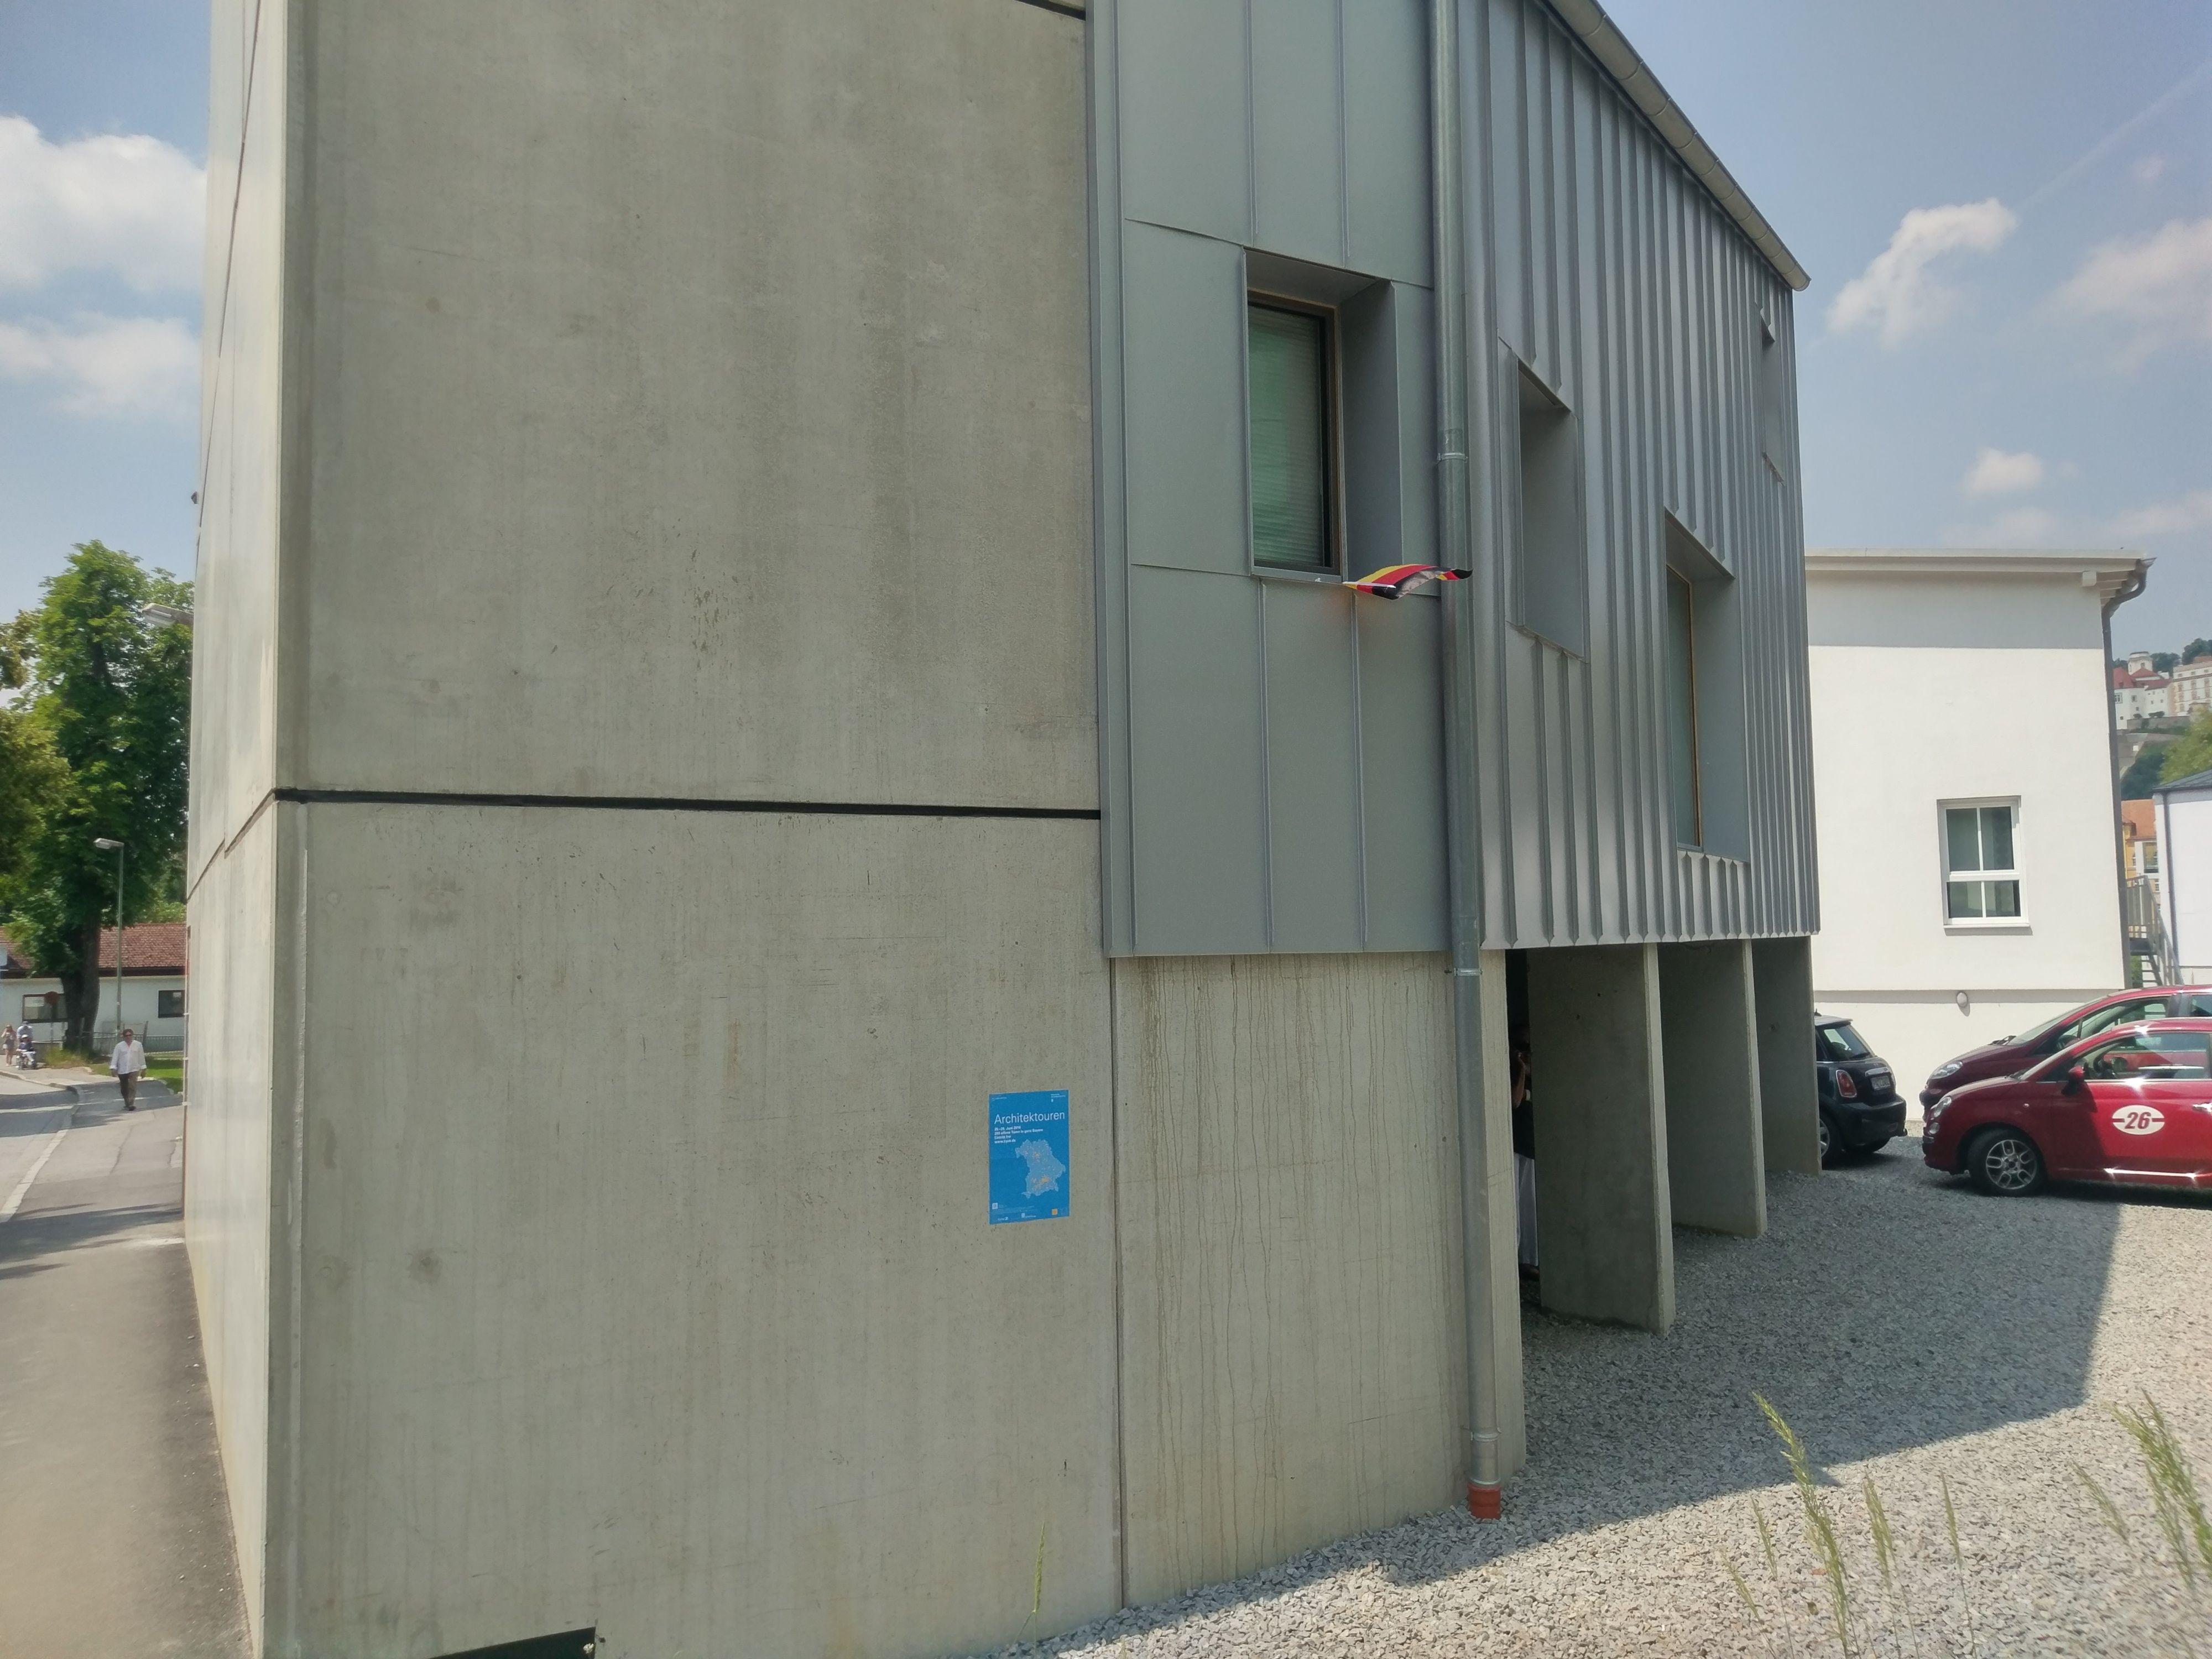 Garage-Kapuzinerstrasse Hochwasser Low-Budget Haus | atelier ...